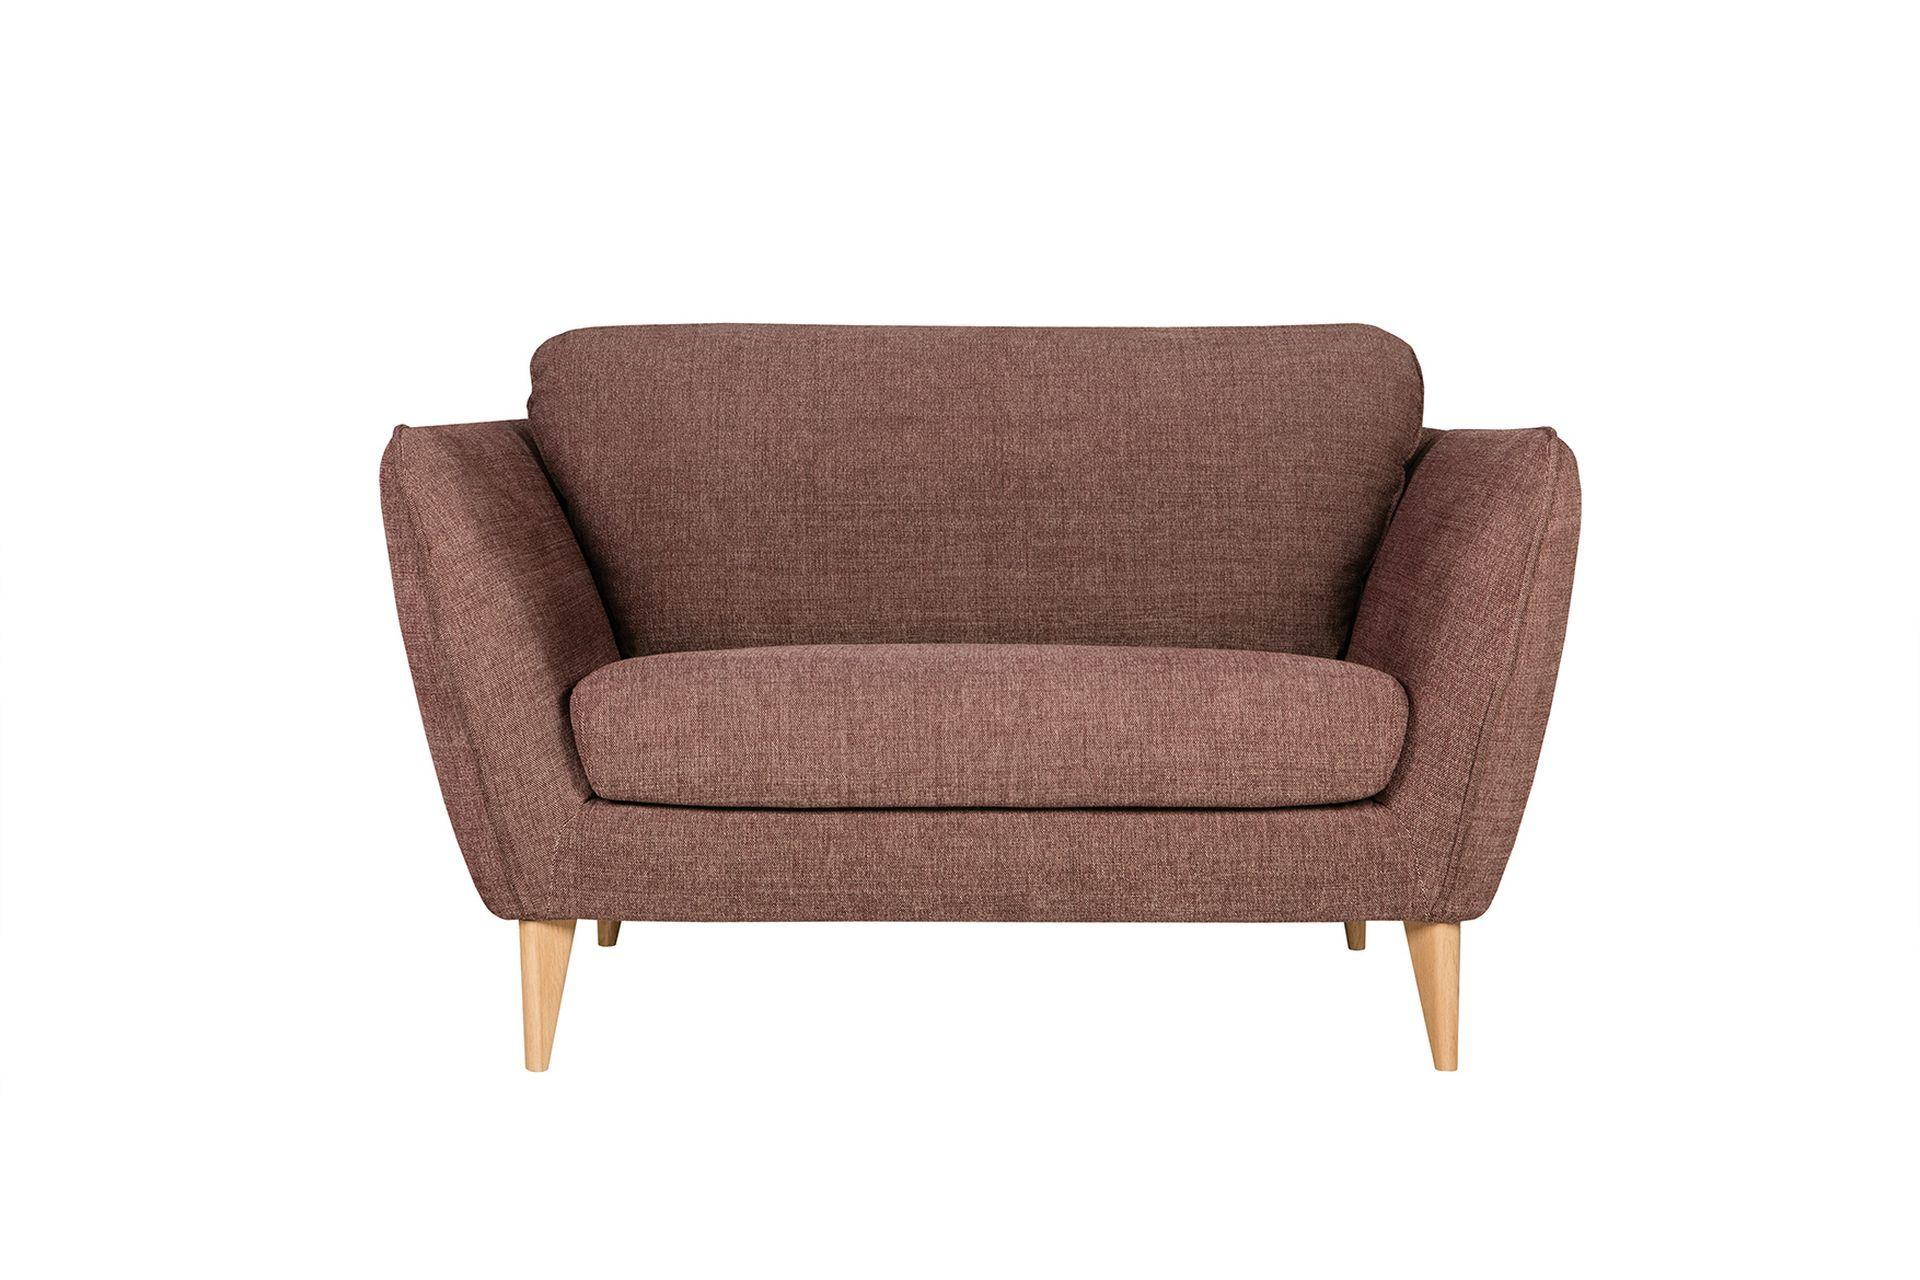 Кресло StellaИнтерьерные кресла<br>Простеганые подлокотники этого дивана создают уникальный стиль. А их наклон подчеркивает это еще больше. STELLA прекрасно подходит как к современной обстановке, так и к традиционному интерьеру.